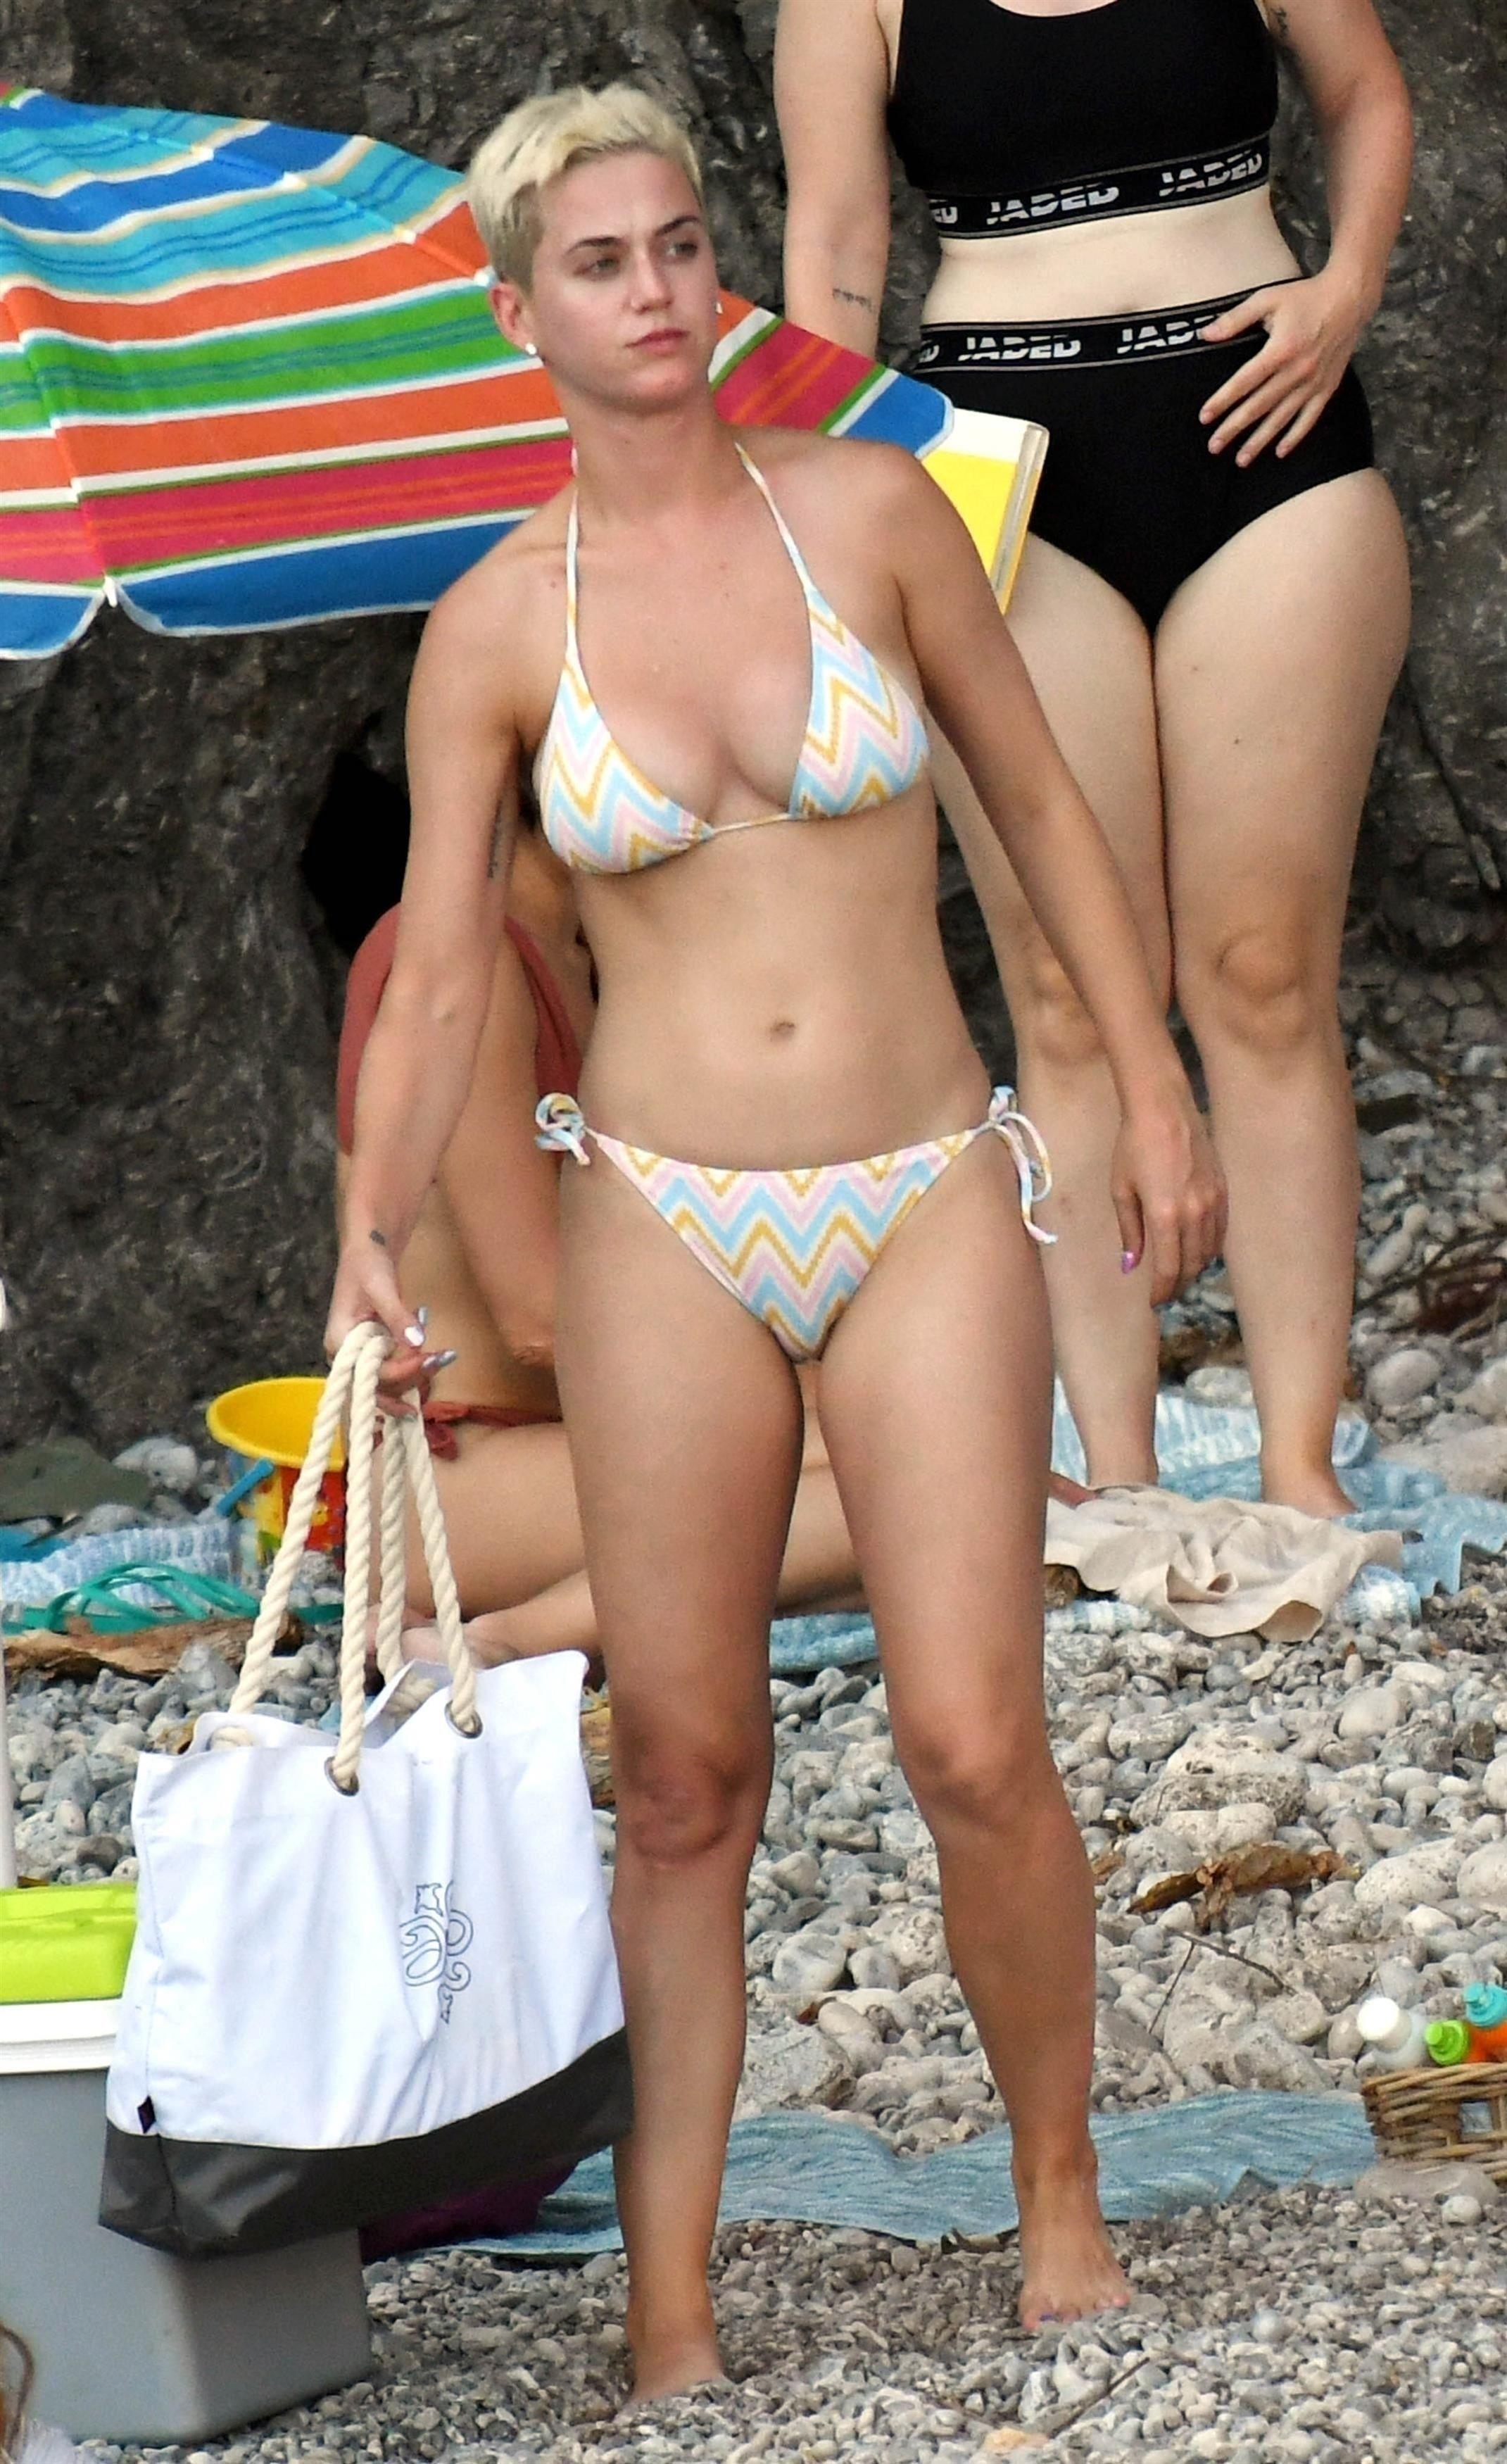 Katie perry bikini pictures, girl in a white bikini